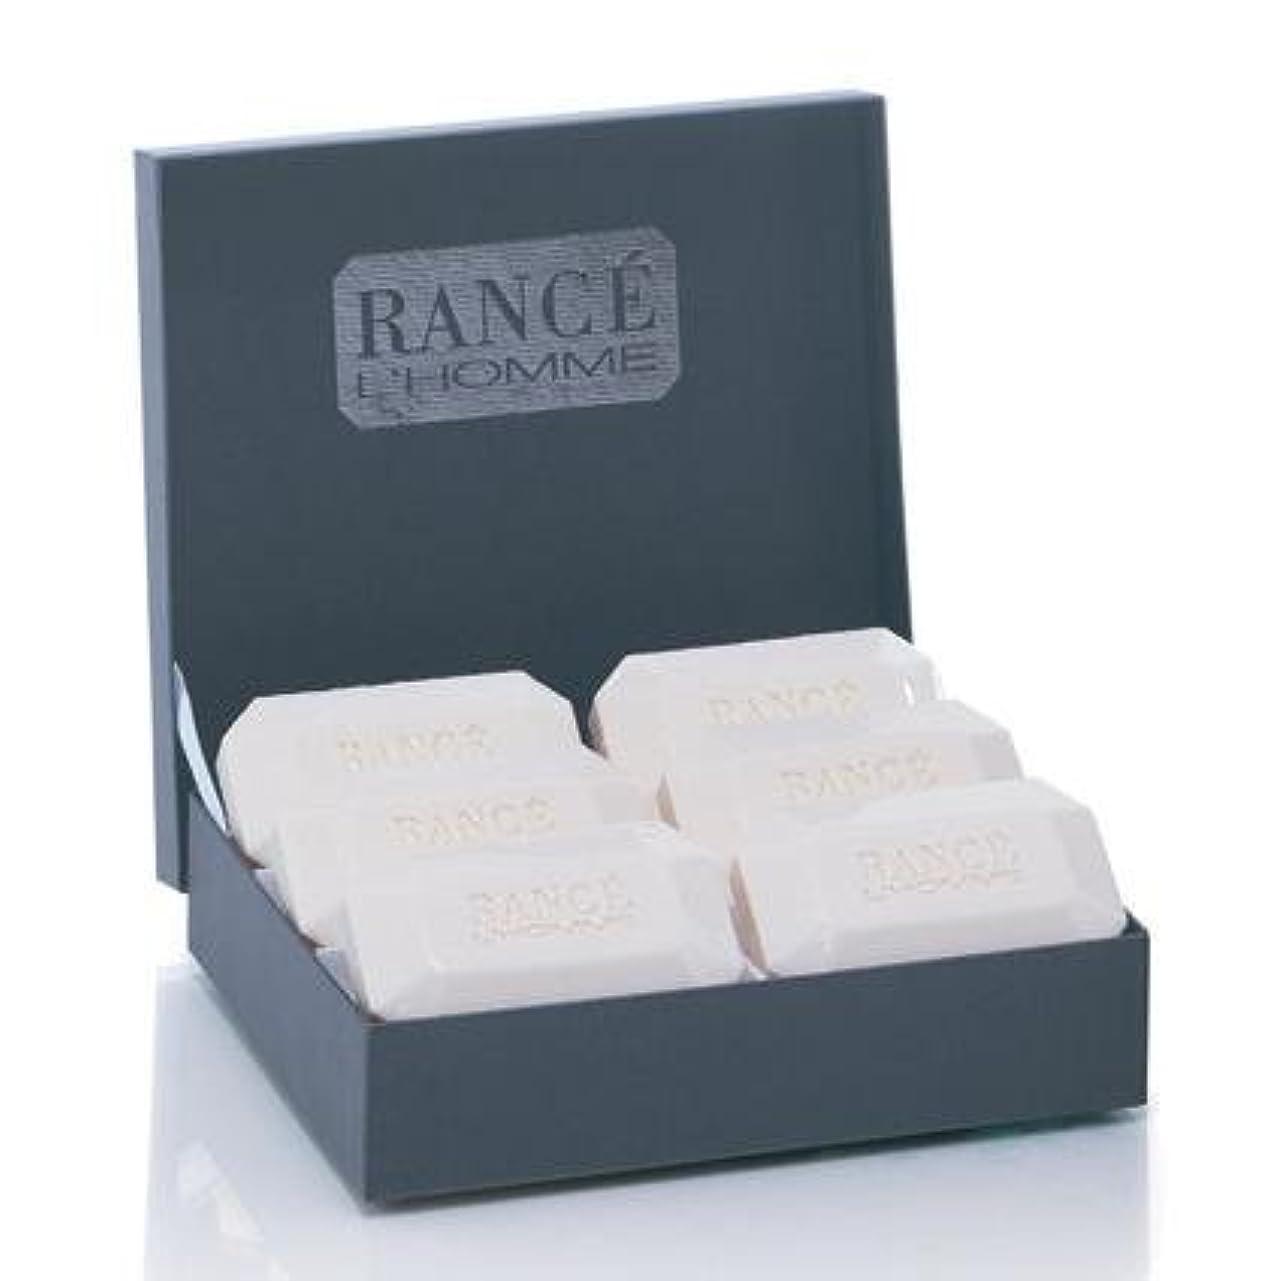 アジア断片急速なRancé L'Homme Soapbox(ランセ ロム ソープボックス)6 x 100g [並行輸入品]